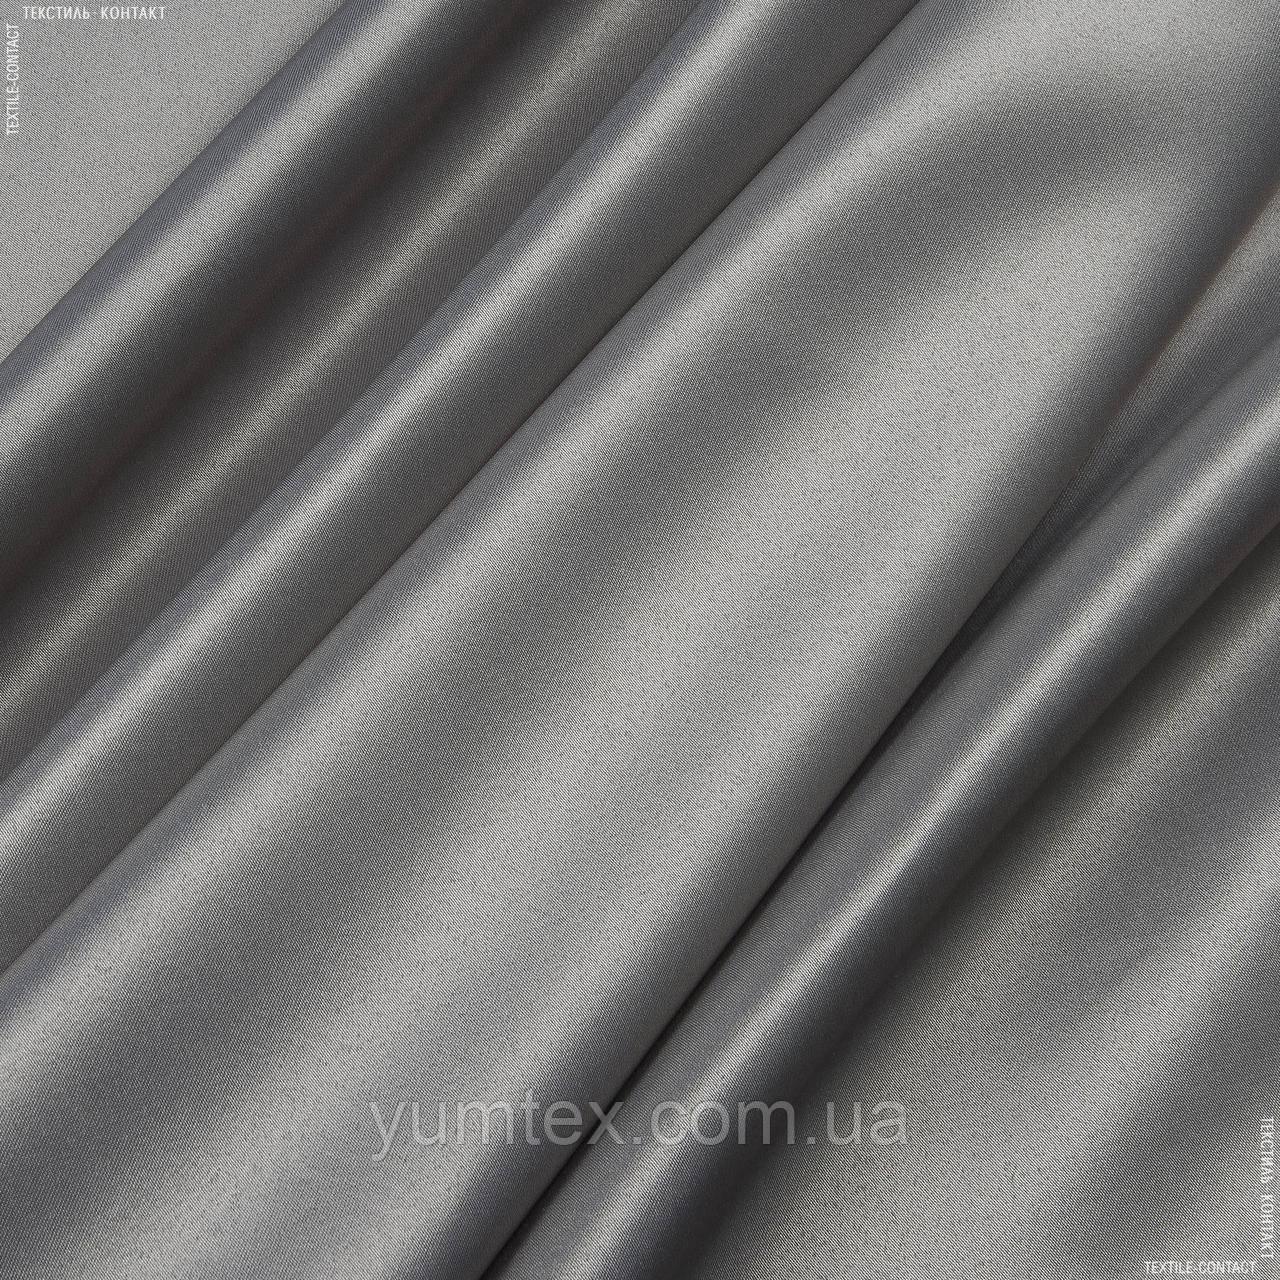 Декоративний атлас корсика сіро-бежевий 143385